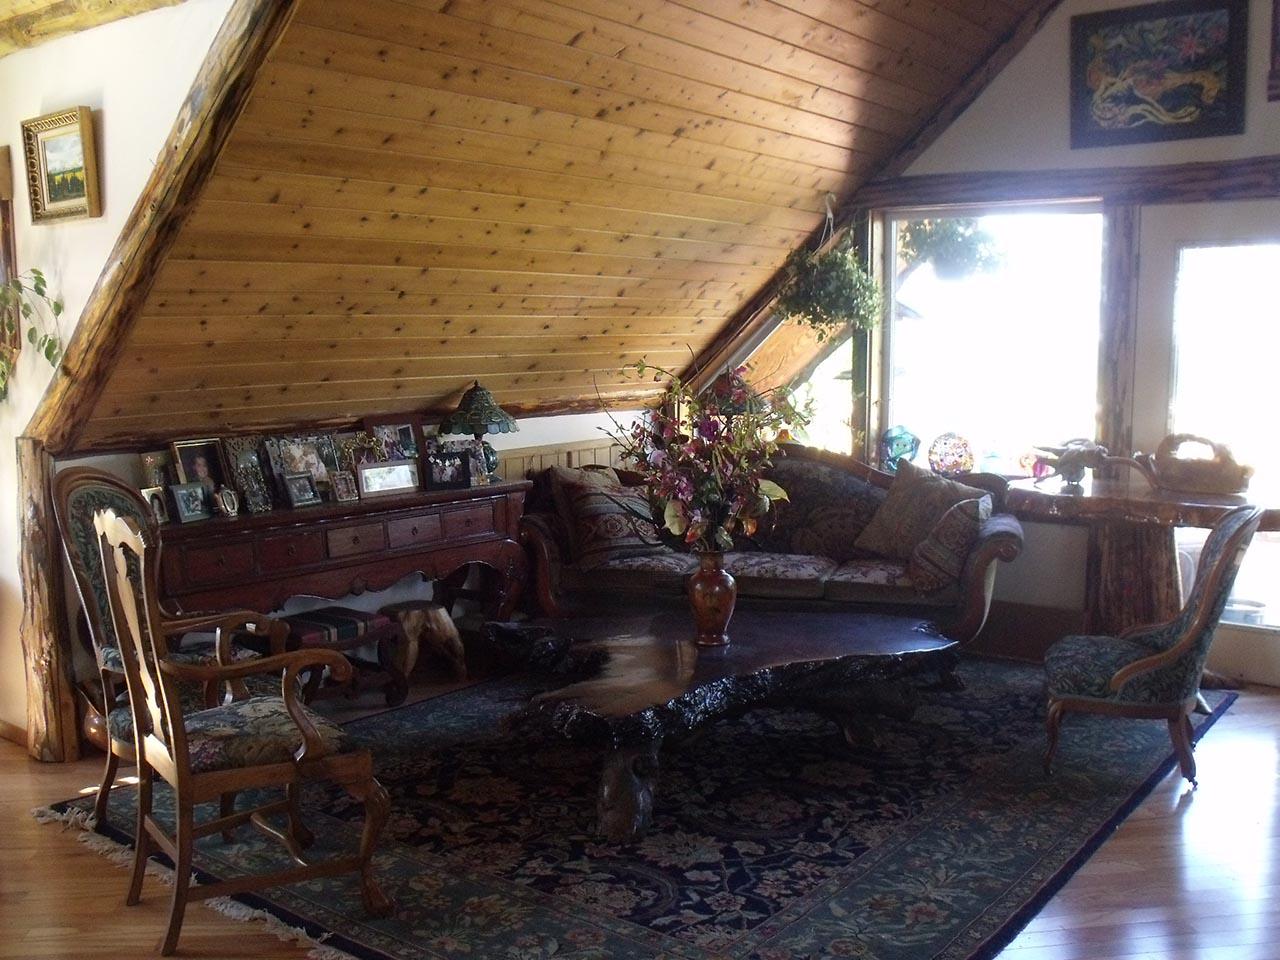 B&B living room.